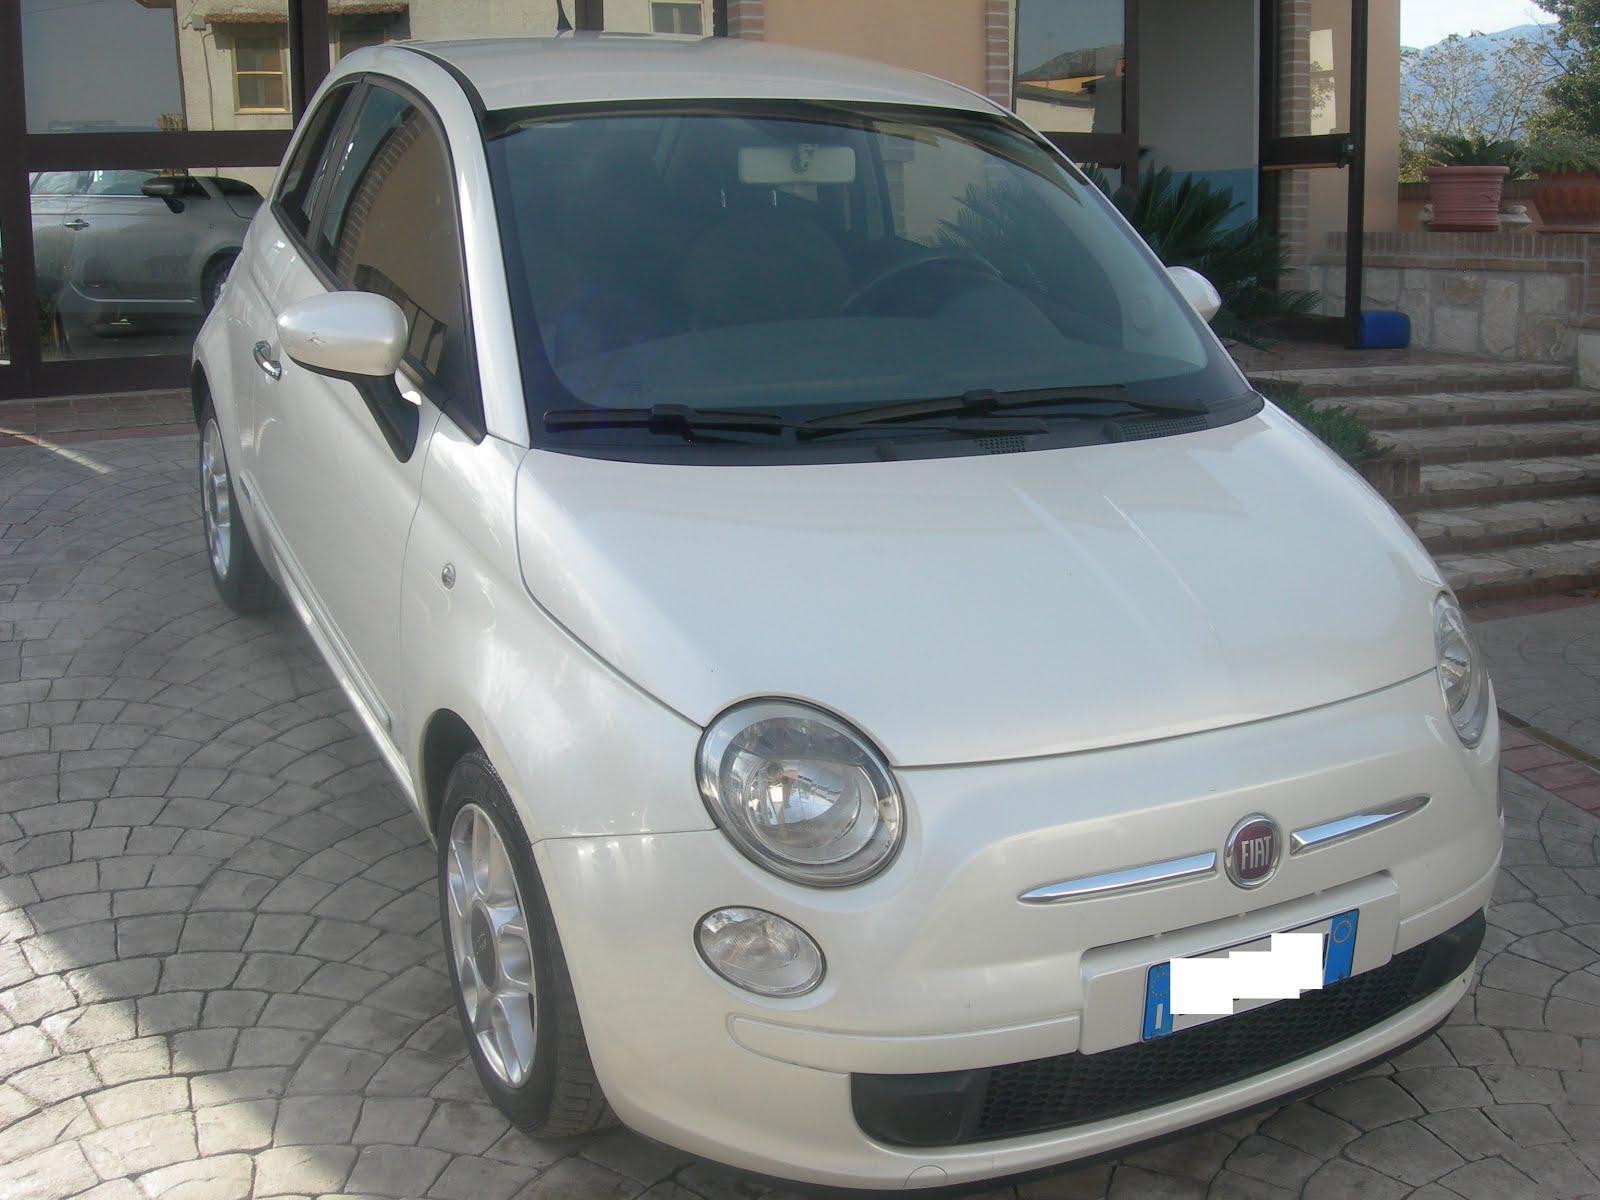 Fiat 500 1.3 M.jet 75 CV Sport anno 2009 80.000 km prezzo 6.500,00 euro